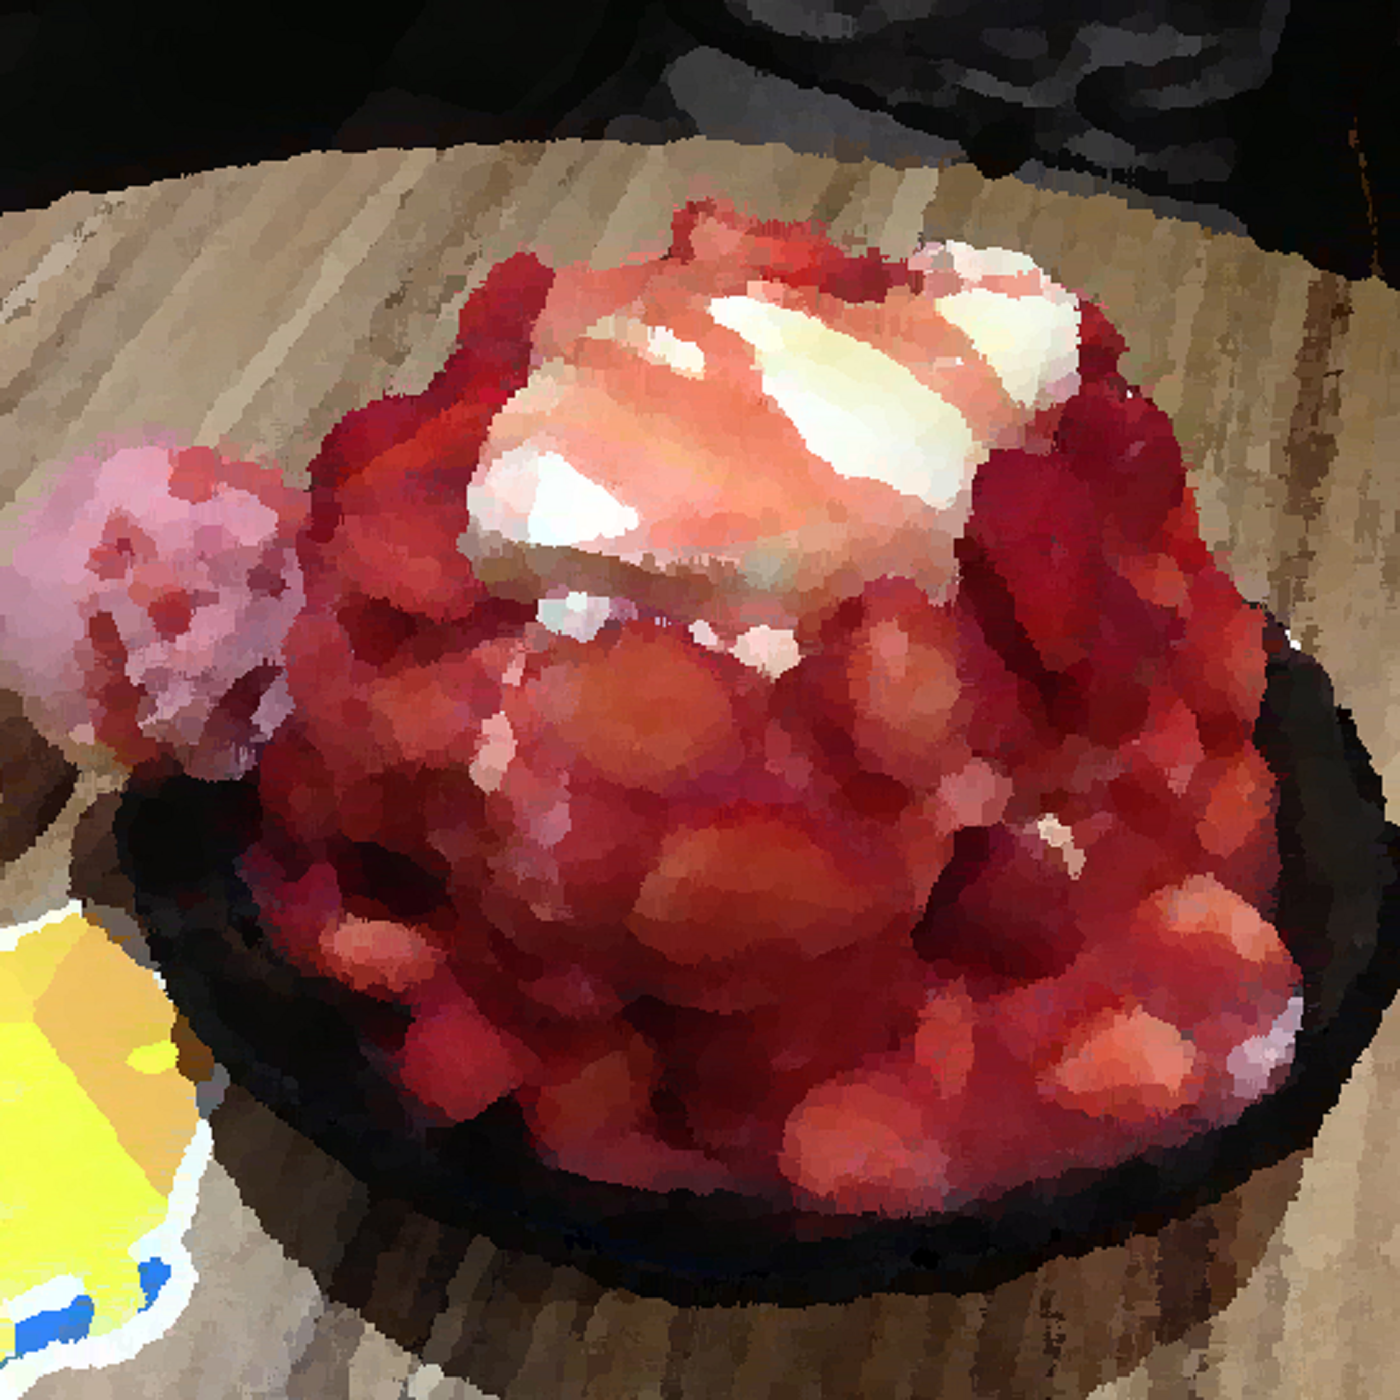 [小鬱好不好] 你眼中的小鬱-1:草莓就該配挫冰好嗎!粉身碎骨後重生的草莓,莓生閃閃發光! feat. 神祕大來賓